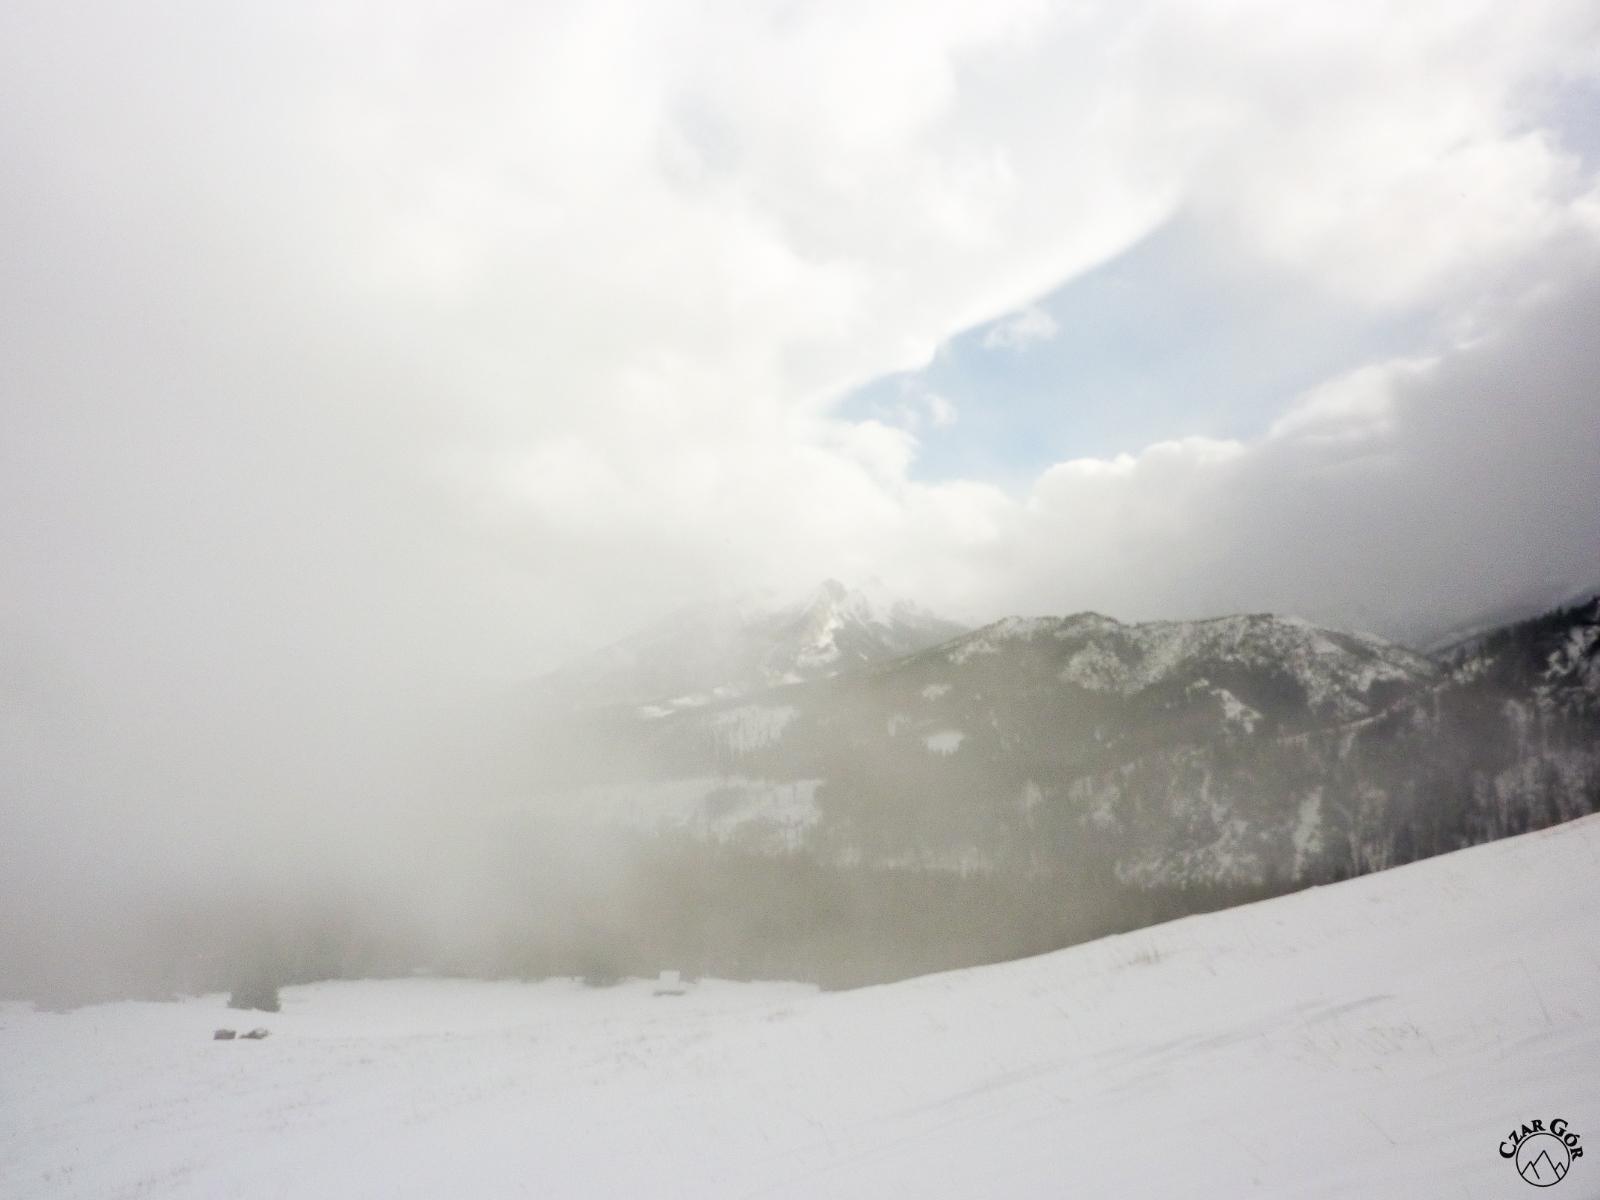 Jeszcze trochę wyżej i robię zdjęcie. Jeszcze trochę i... wszystko zakryły chmury